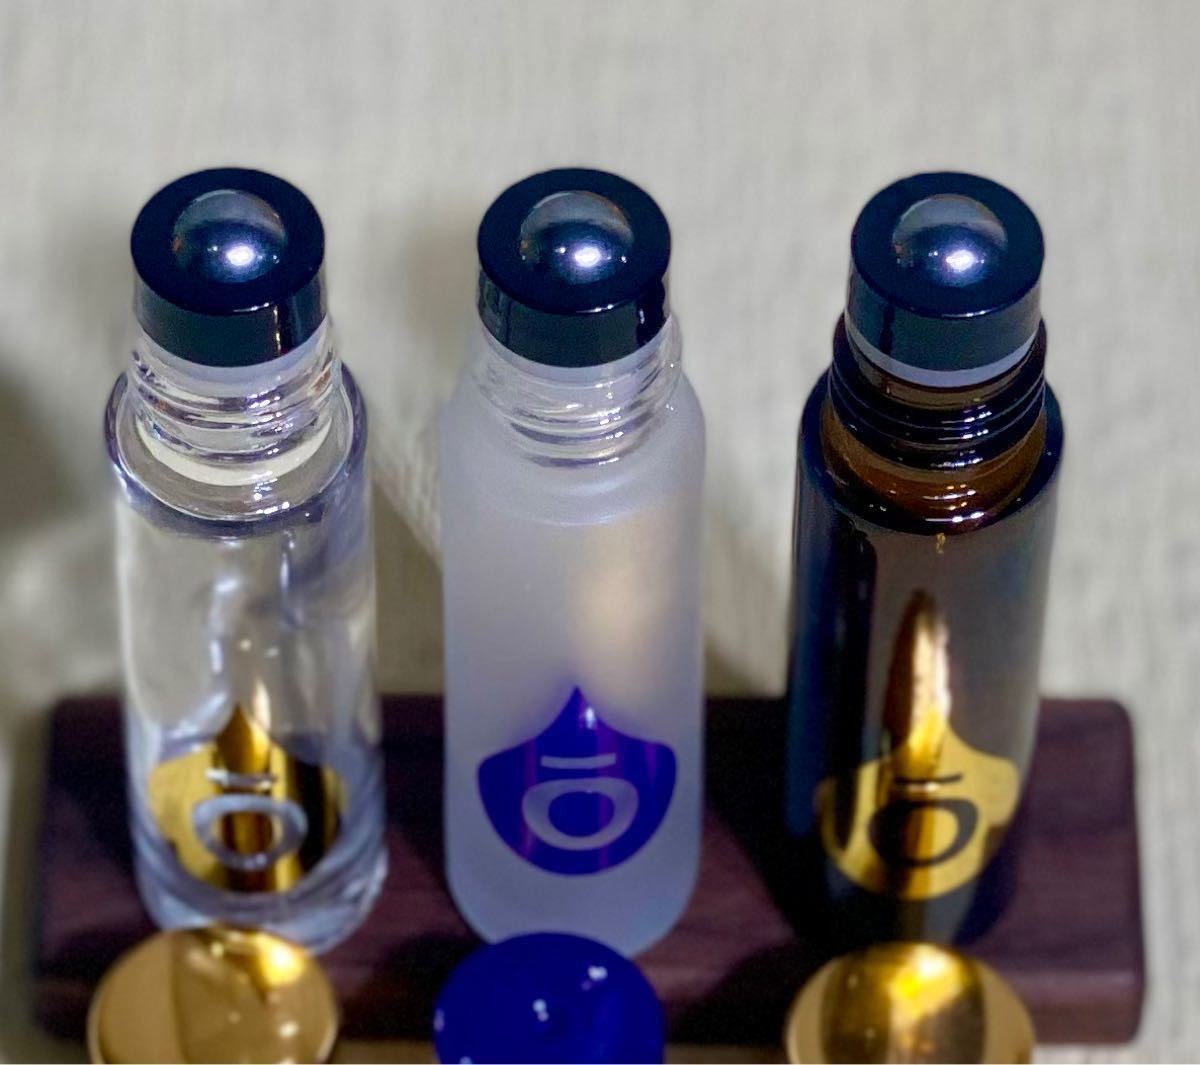 【新品未使用】ドテラ ロゴ入り ロールオンボトル 10ml 3本セット doTERRA